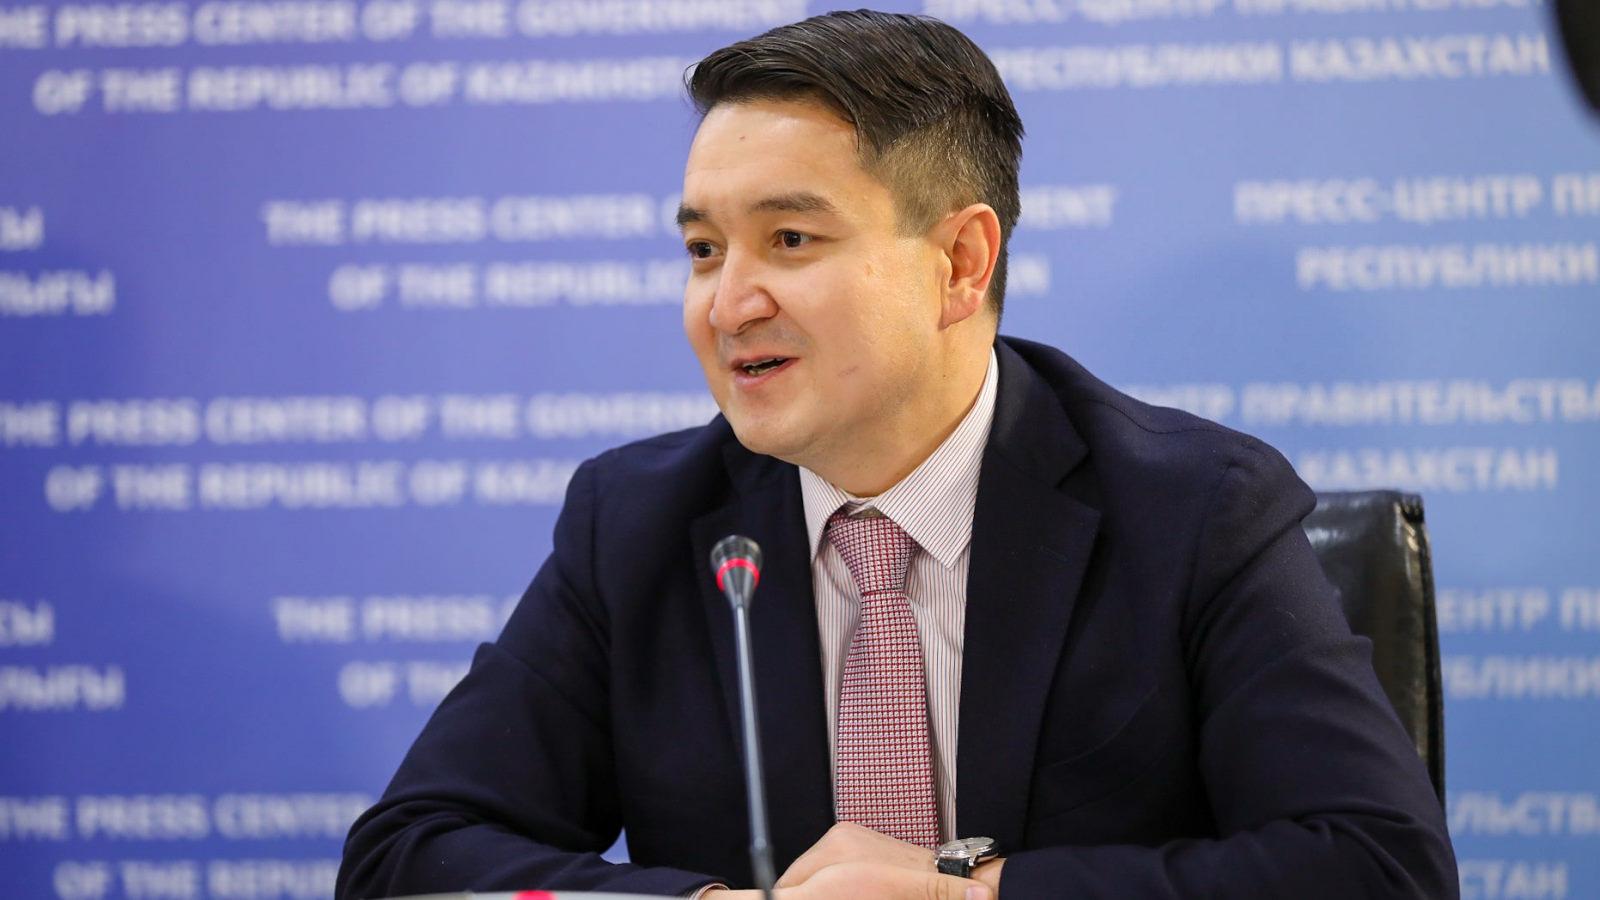 Берик Шолпанкулов назначен первым вице-министром финансов РК, Берик Шолпанкулов, назначение , Вице-министр финансов РК